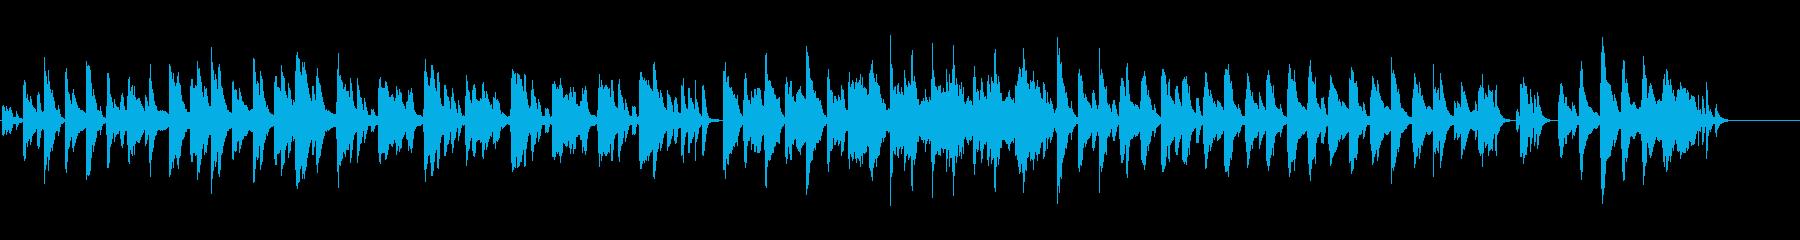 ハープのファンタジーな曲の再生済みの波形